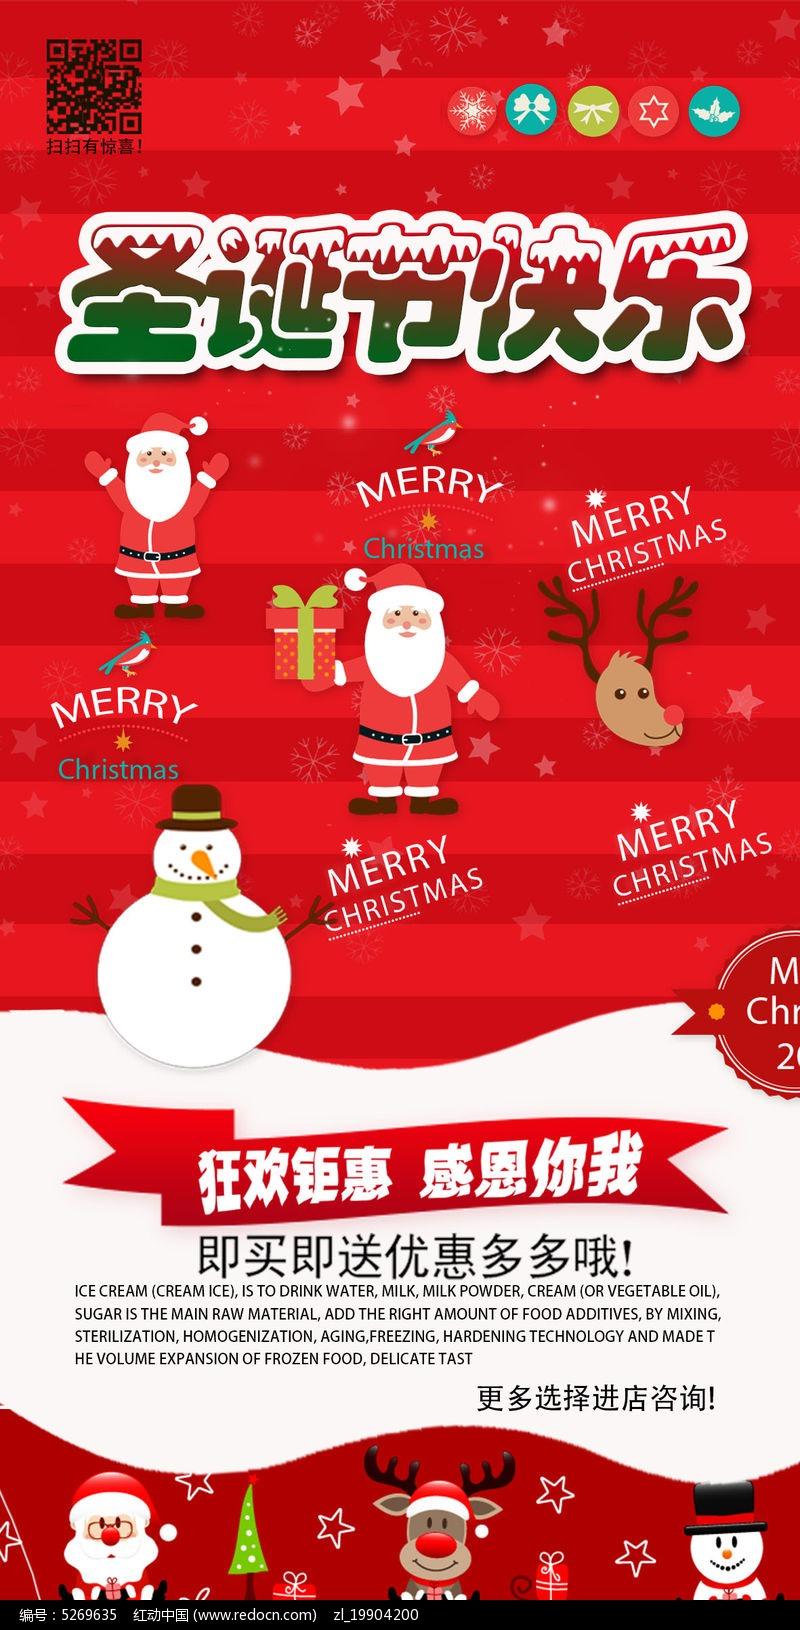 圣诞节红底简约创意海报psd素材下载